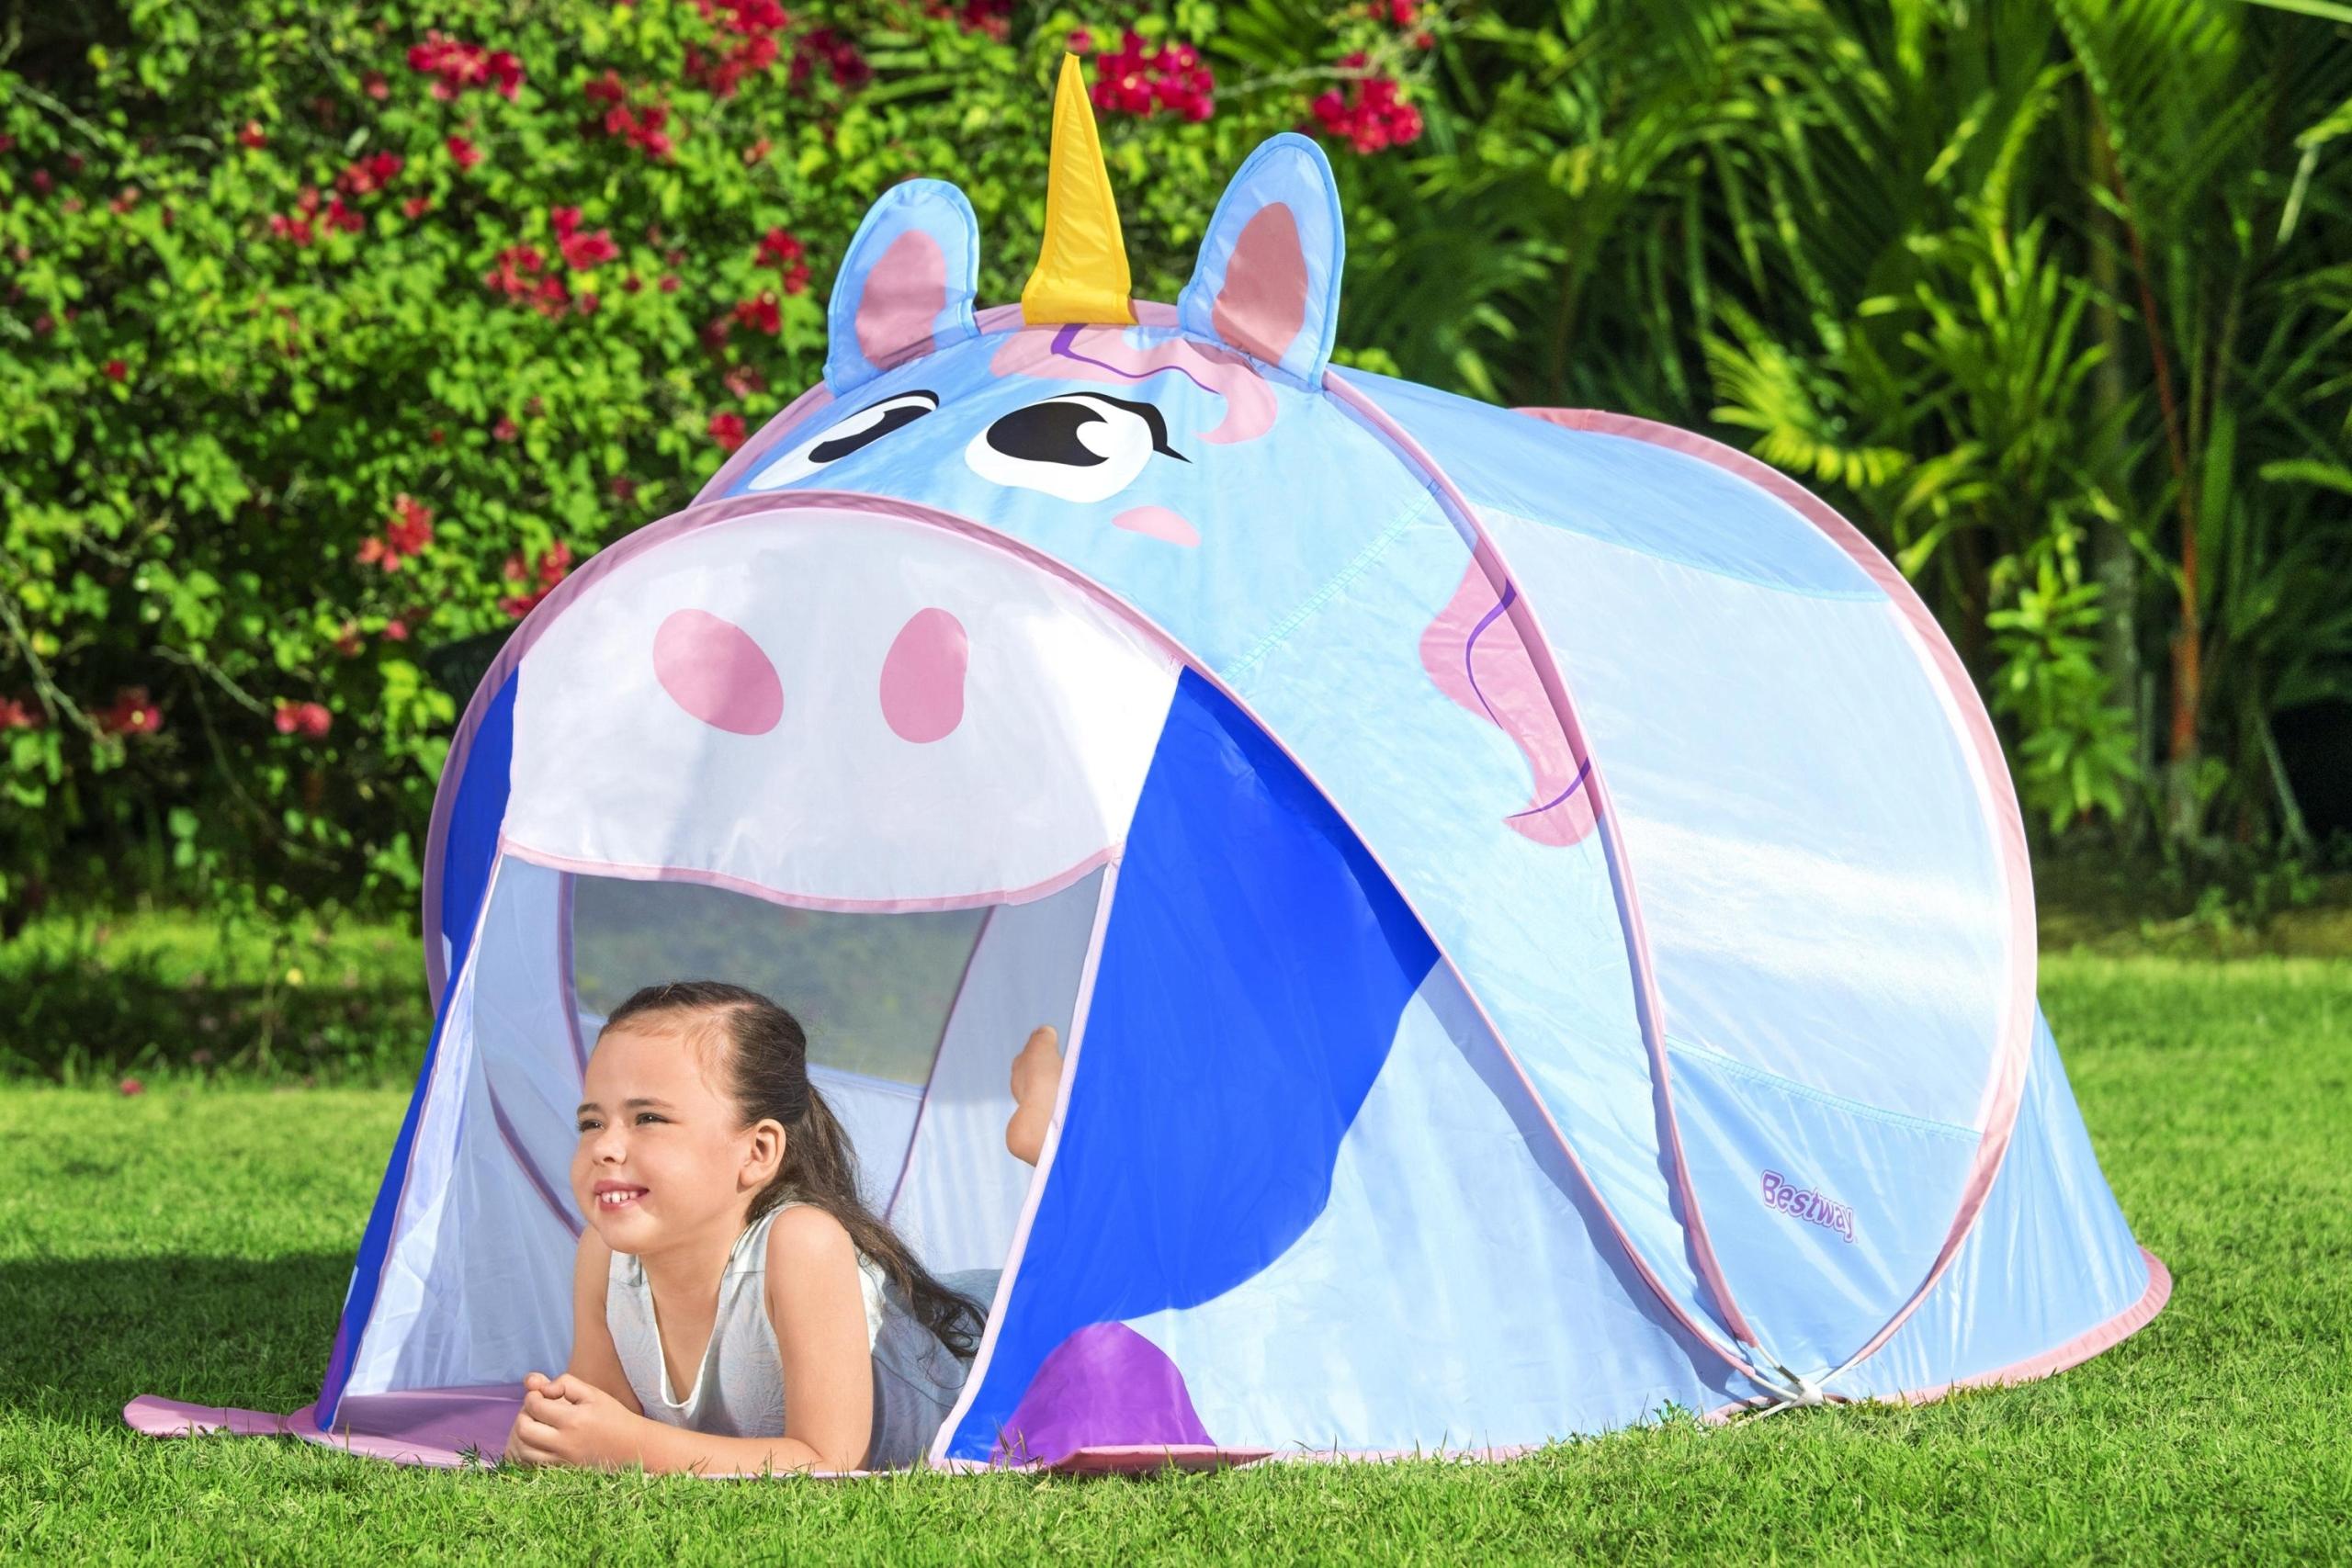 NAMIOT dla dzieci JEDNOROŻEC do domu, ogrodu DOMEK EAN 6942138976489